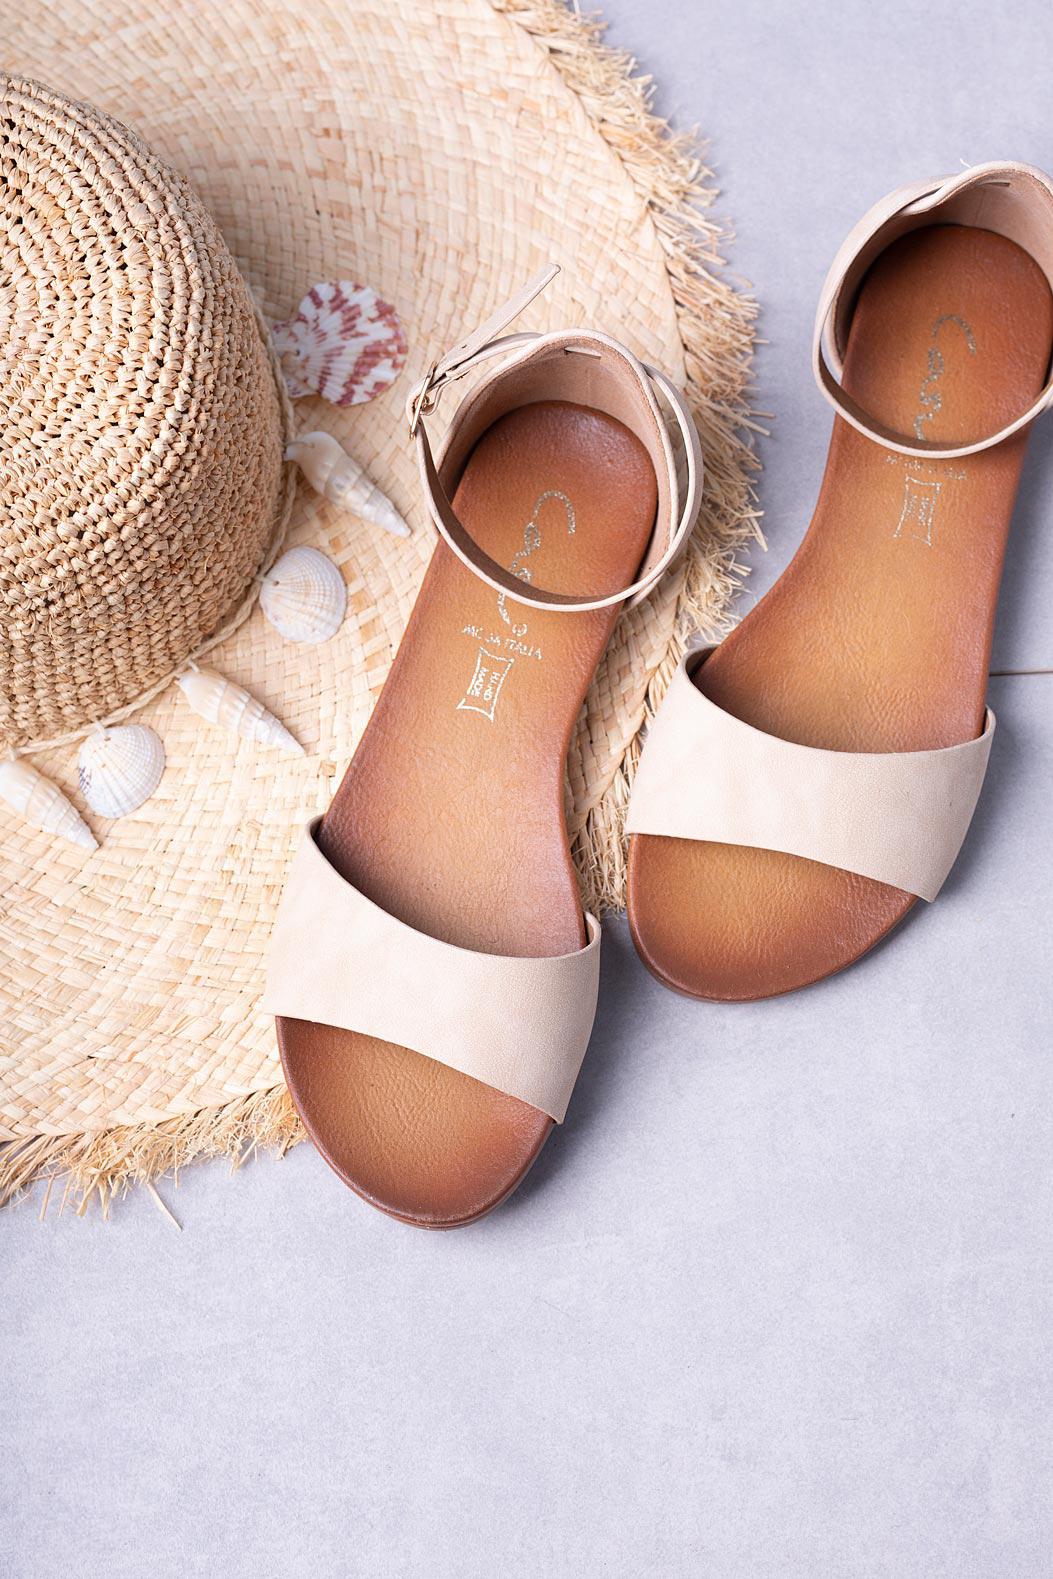 Beżowe sandały płaskie z zakrytą piętą i paskiem wokół kostki Casu K19X16/BE beżowy